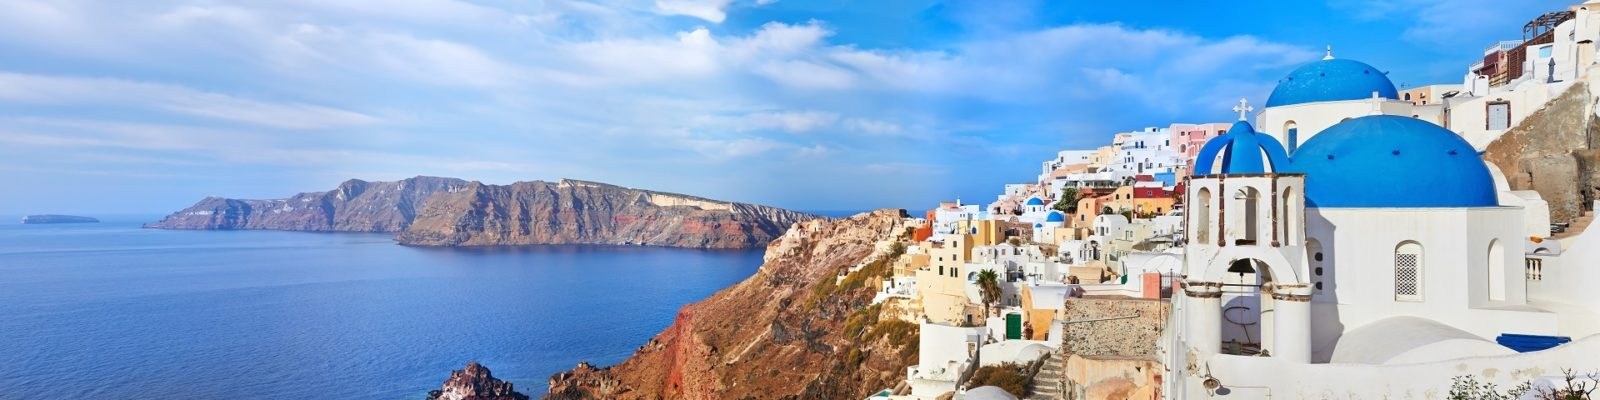 5 лучших курортов Крыма